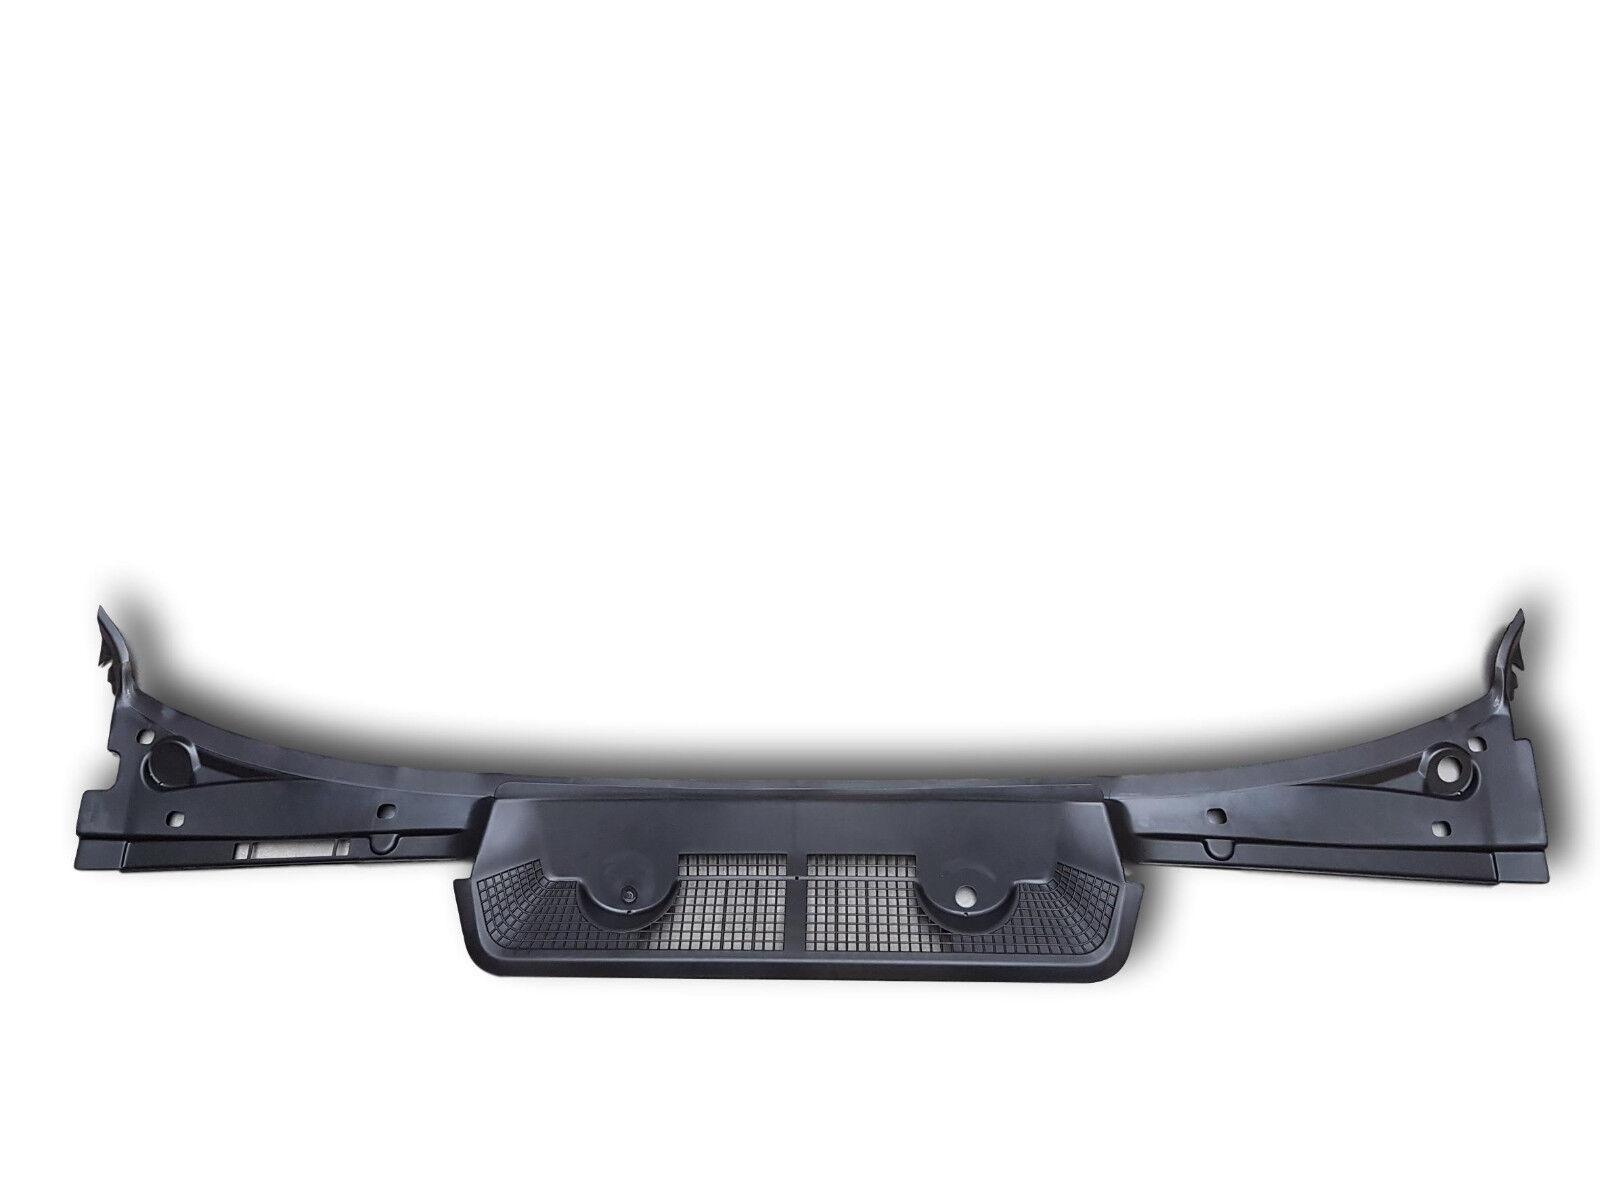 ORIGINAL BMW Abdeckung Windlauf Spritzschutz für BMW 3 3er E36 51711977677